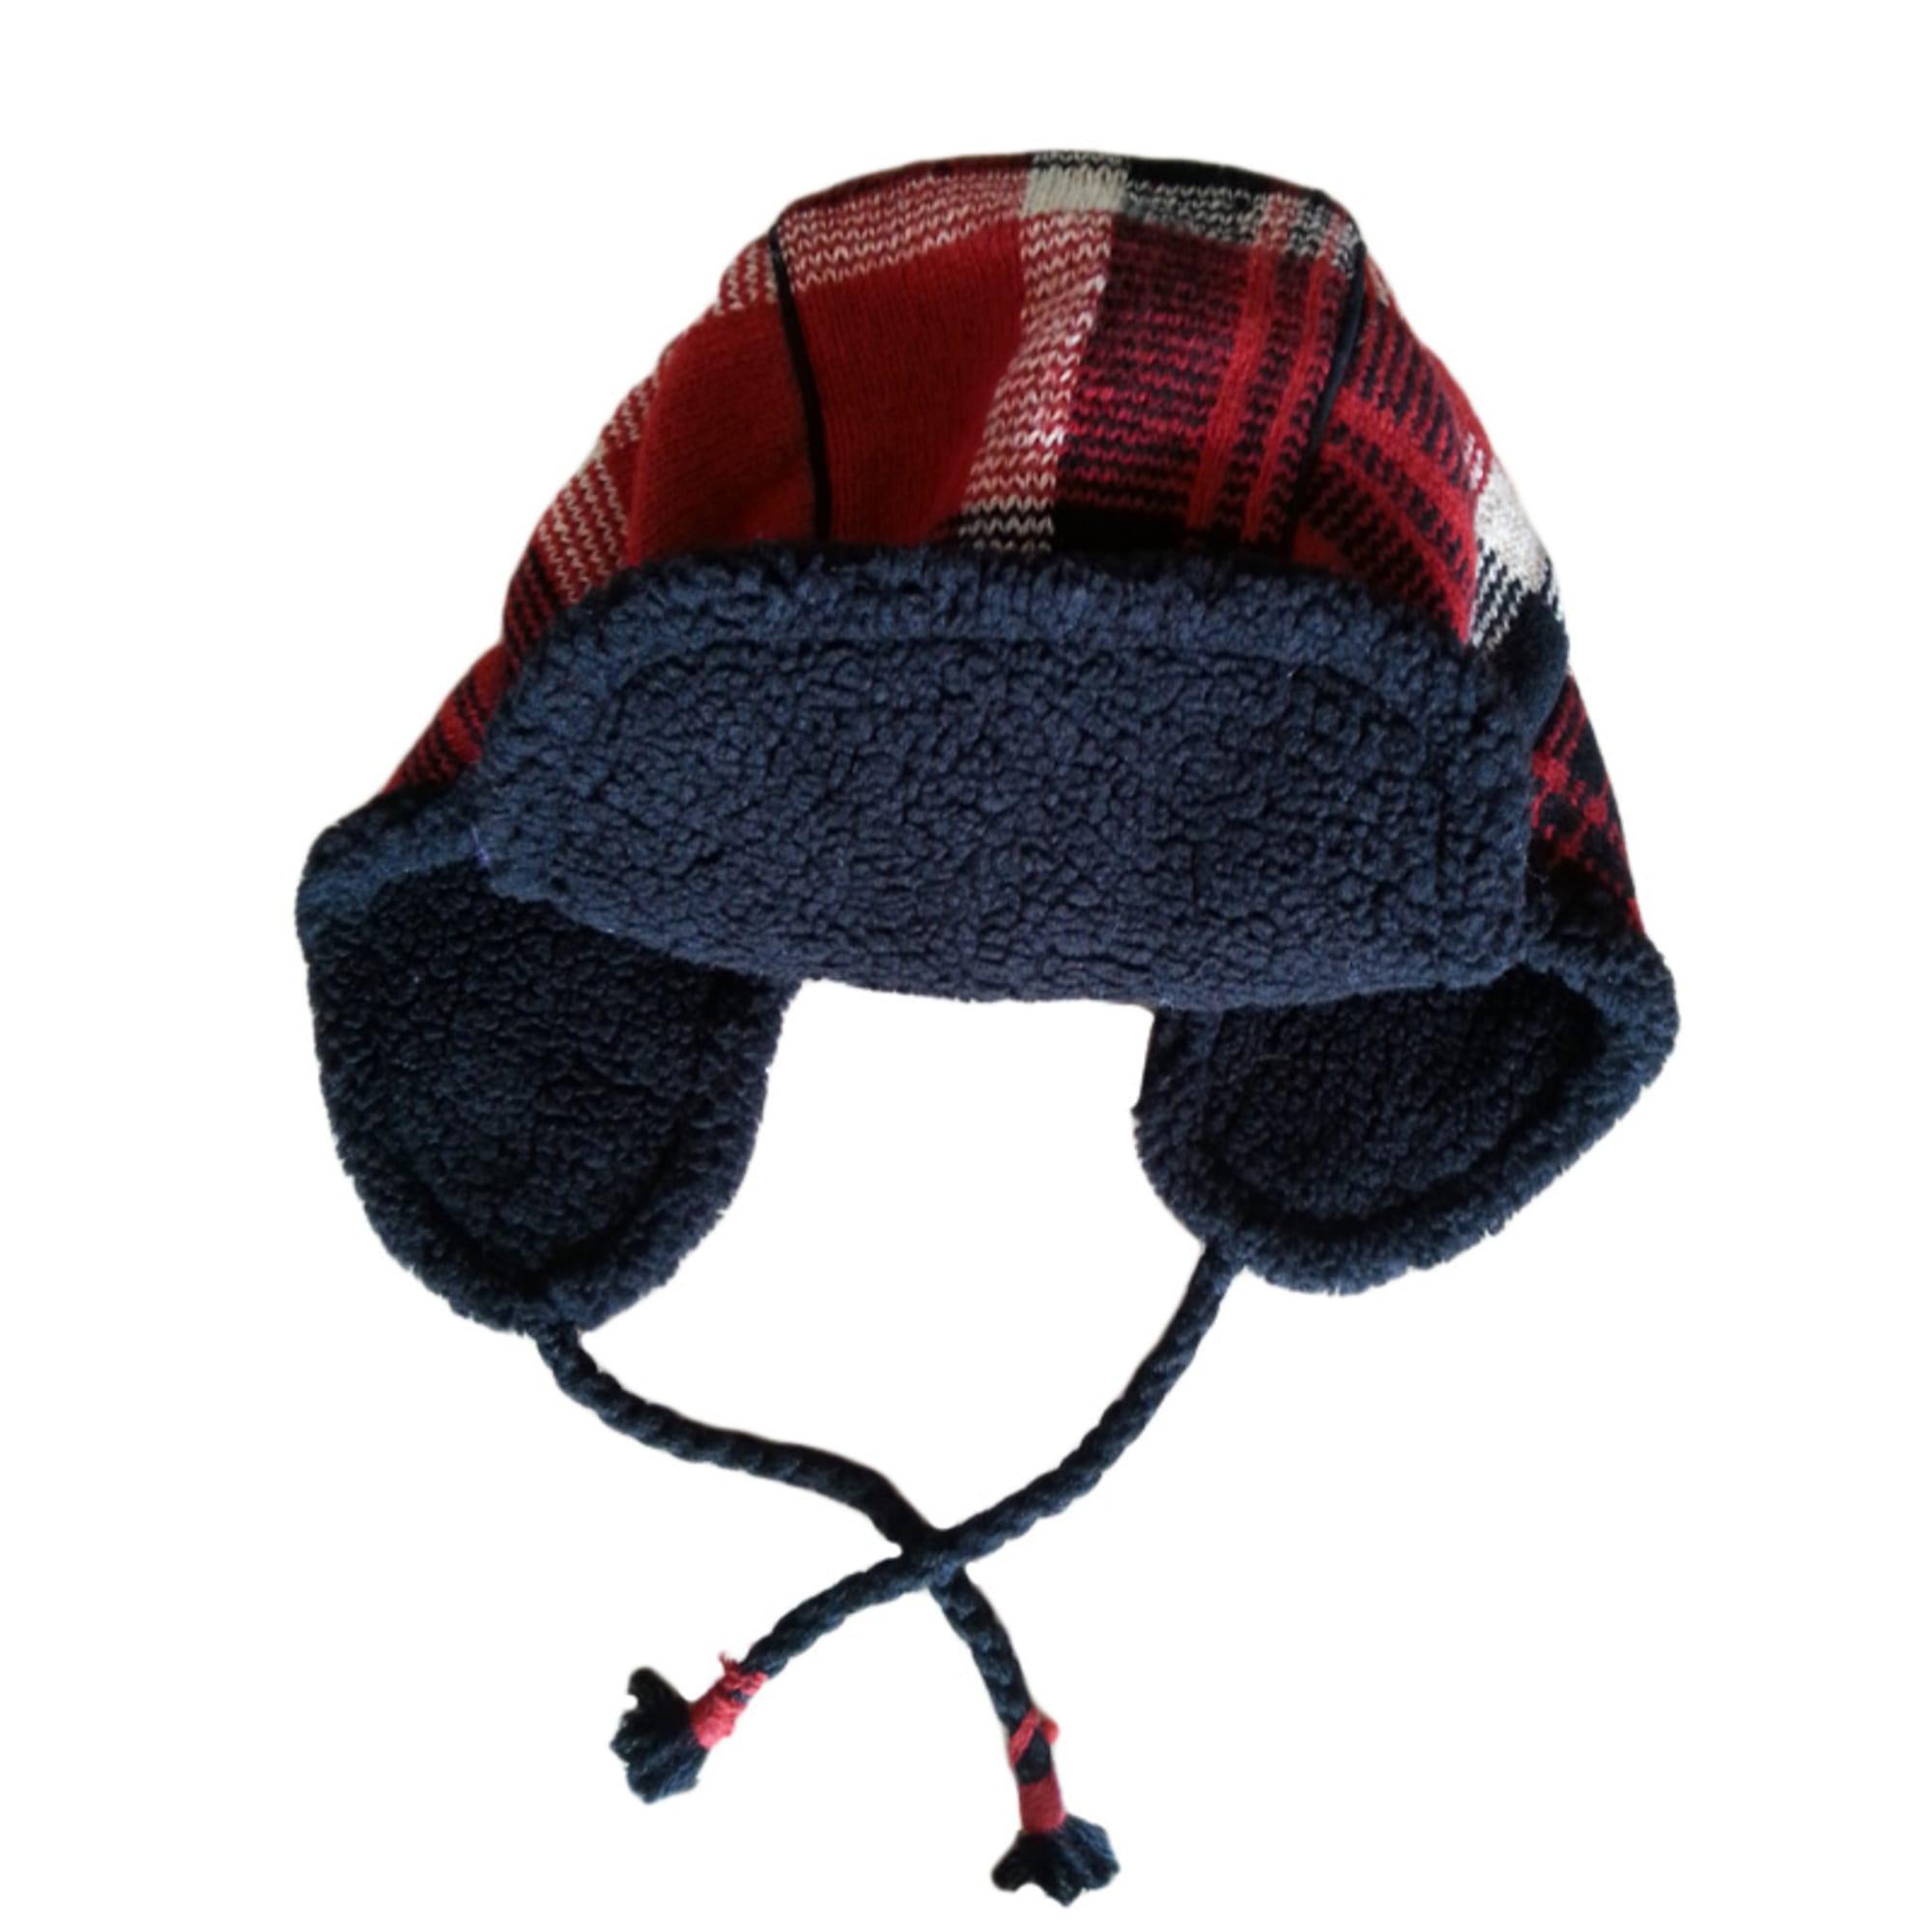 Bonnet RALPH LAUREN Autre multicouleur - 2100465 485cabee496